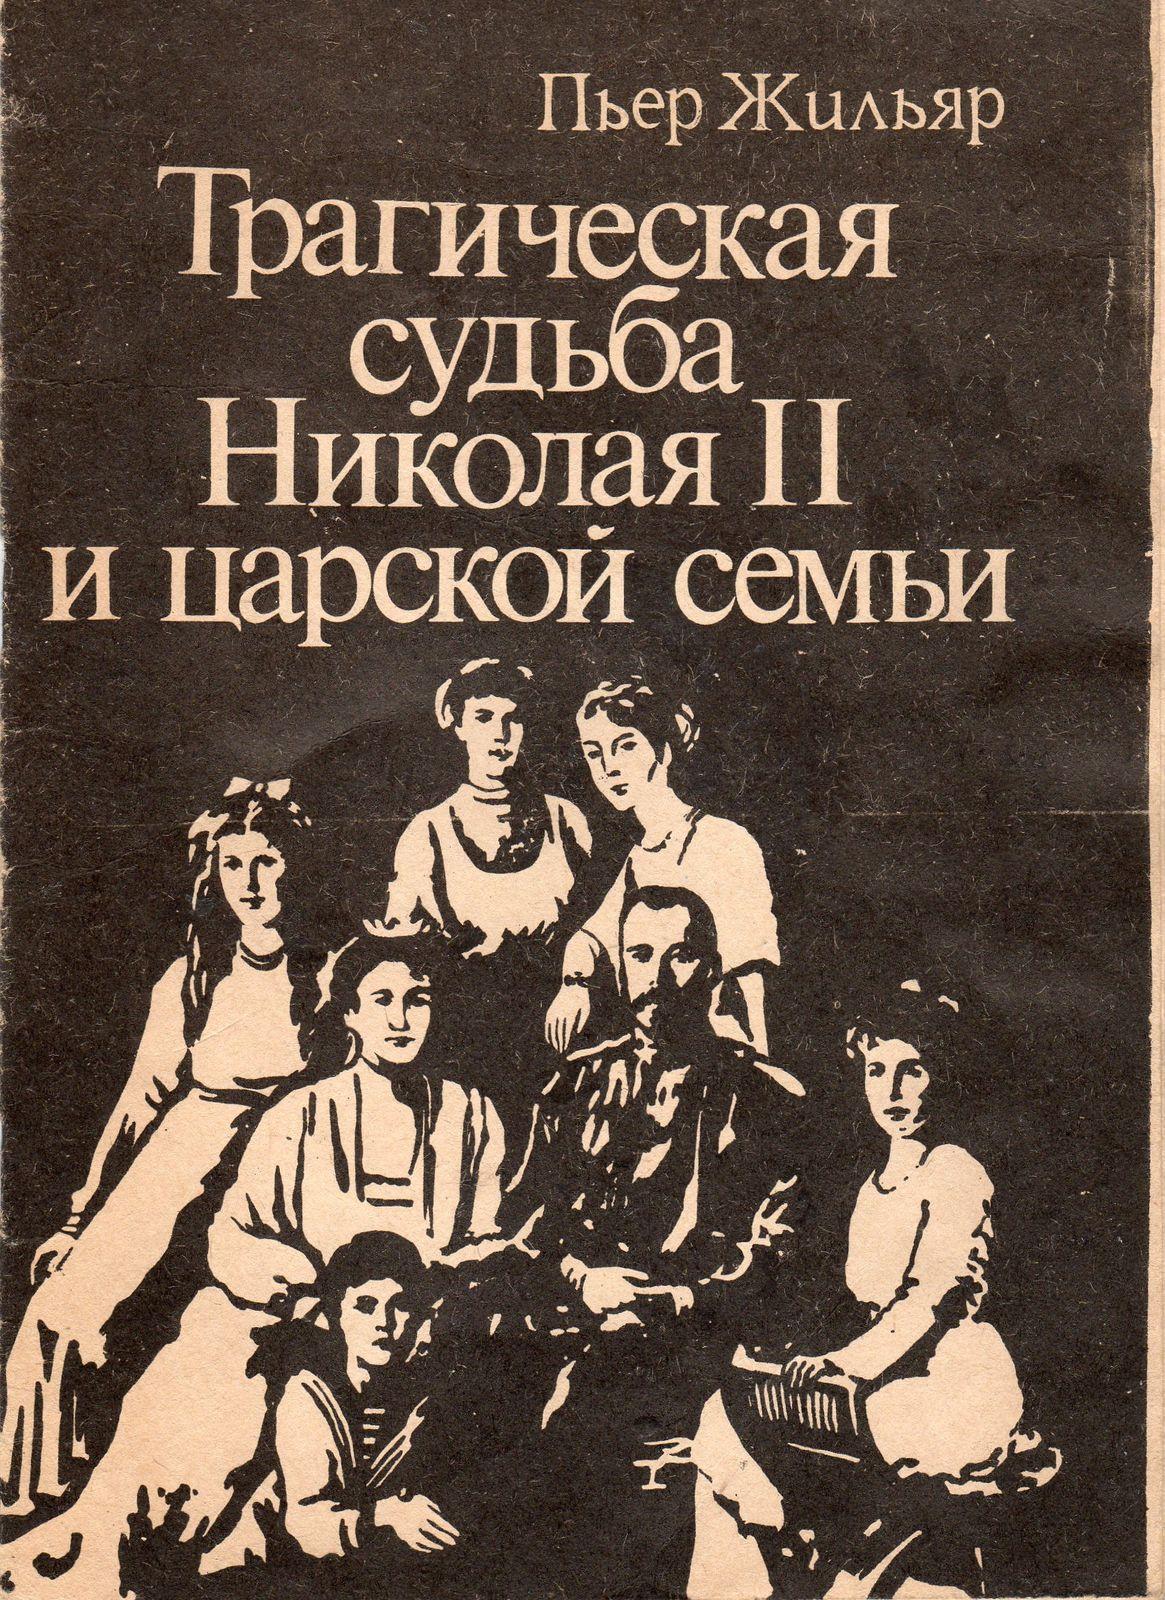 Публикуем ссылку на сайт, где представлена необыкновенная подборка фотографий царя-мученика николая и его семьи